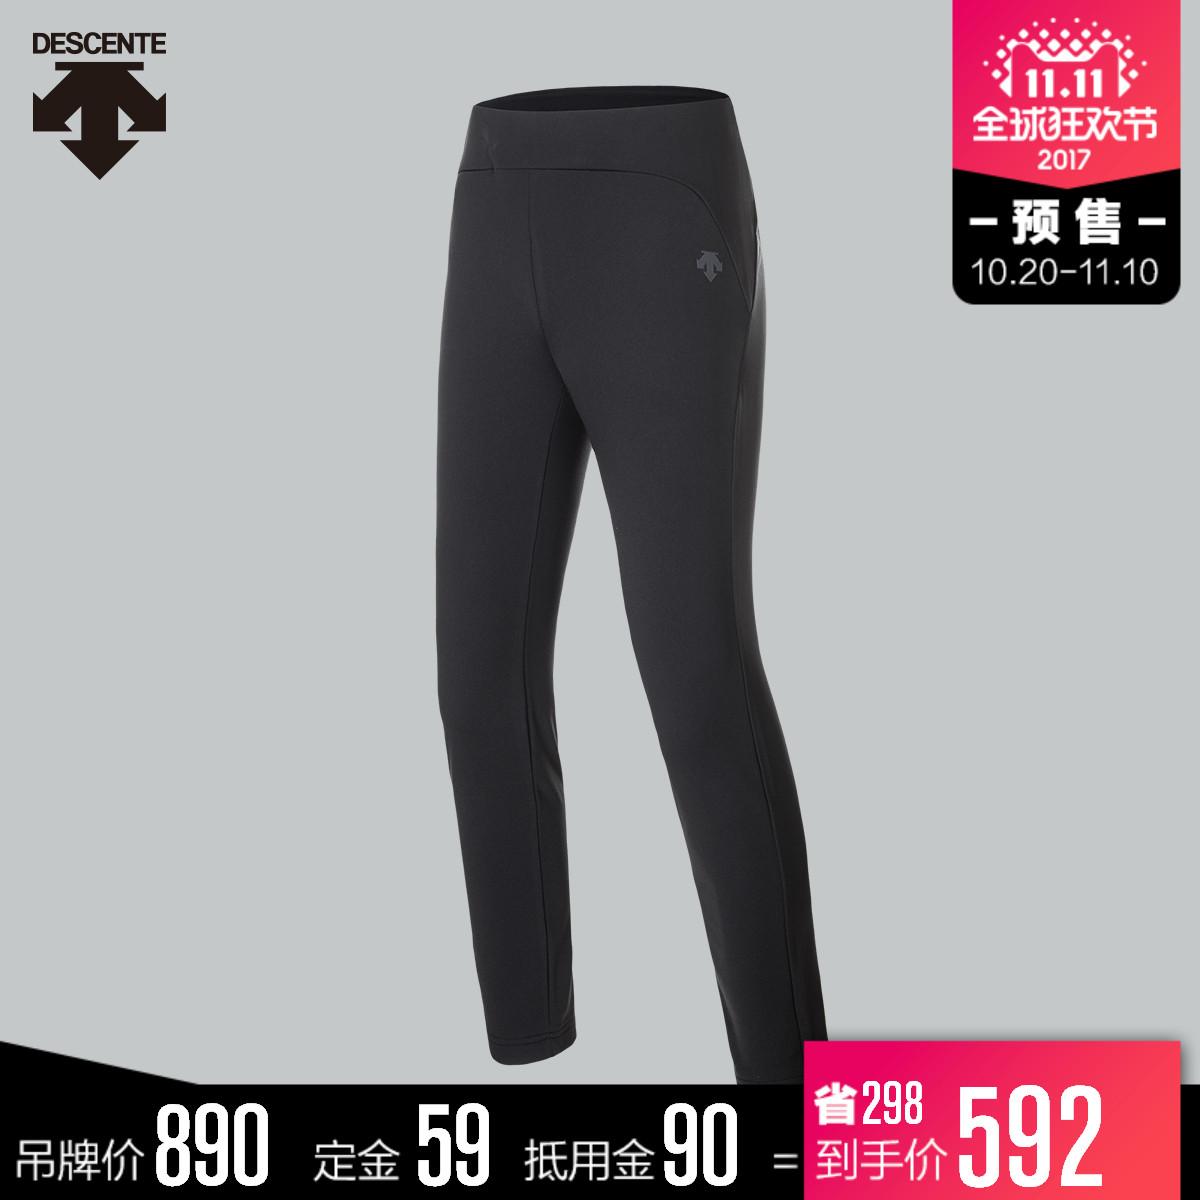 【双11预售定金59抵90到手价592】迪桑特女款运动训练针织长裤